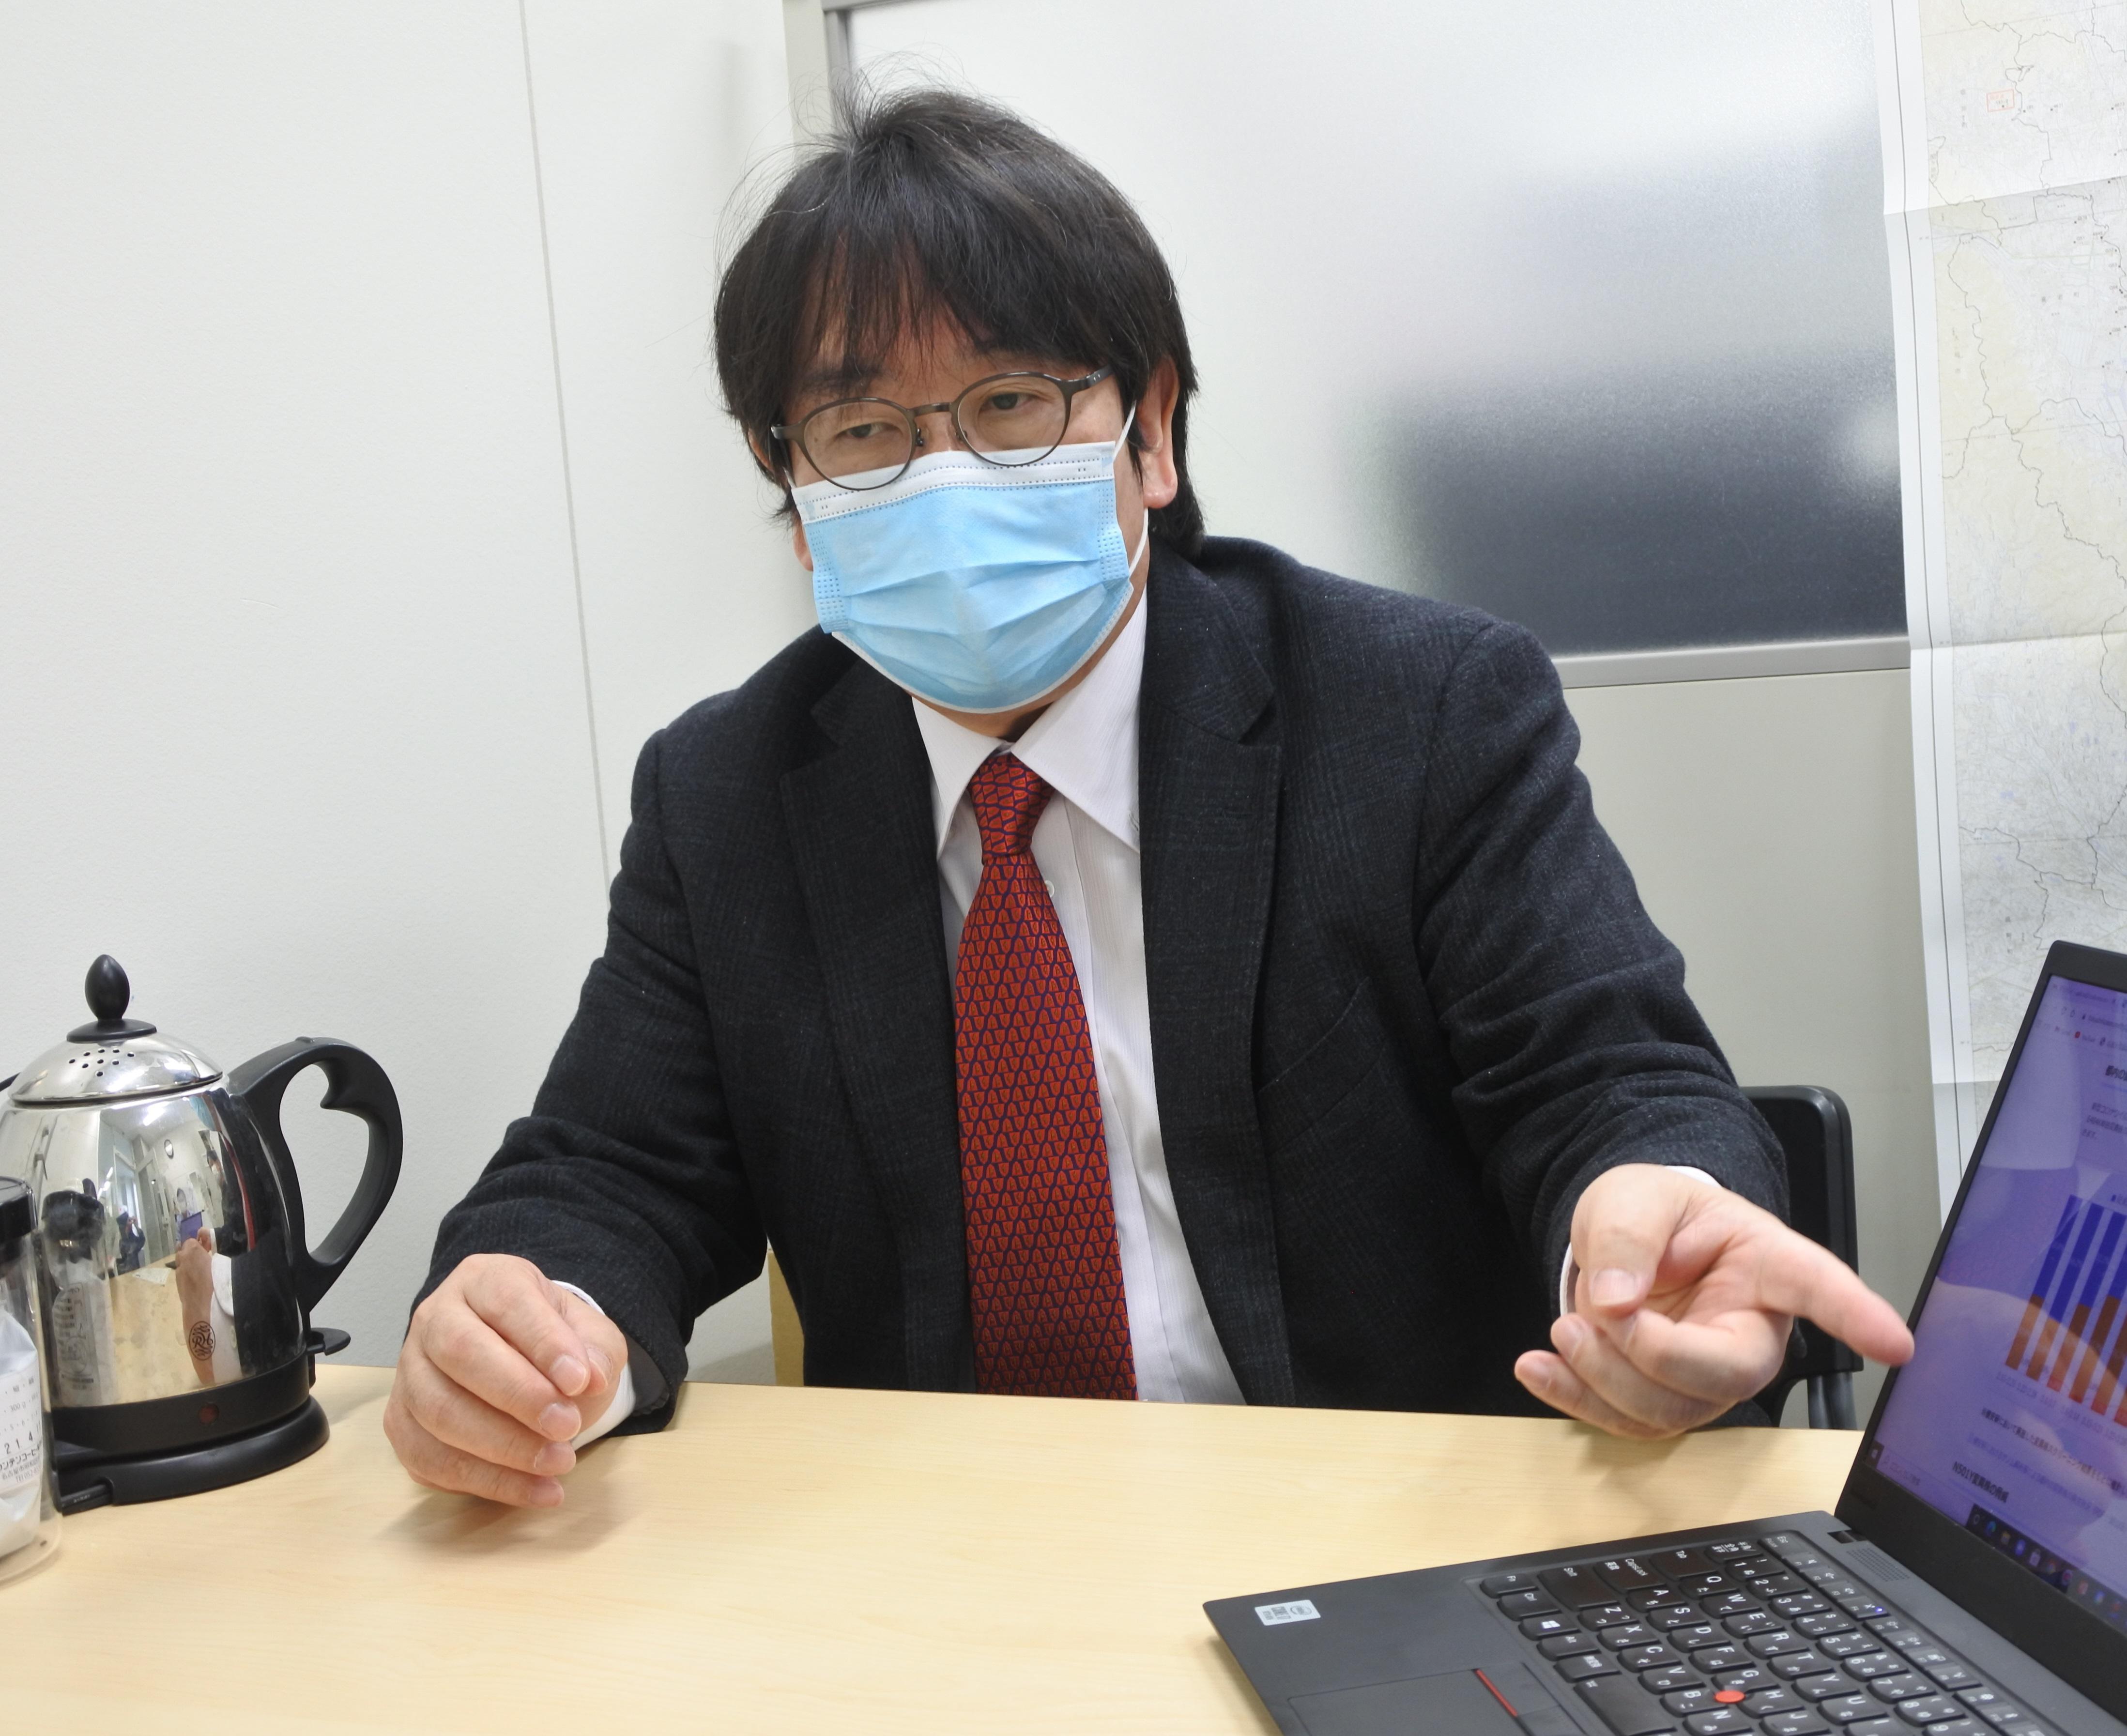 名城大学の薬学部衛生化学研究室が新型コロナウイルス変異株の簡単、迅速な識別法を確立。 5月12日(水)13:00~ 成果を発表